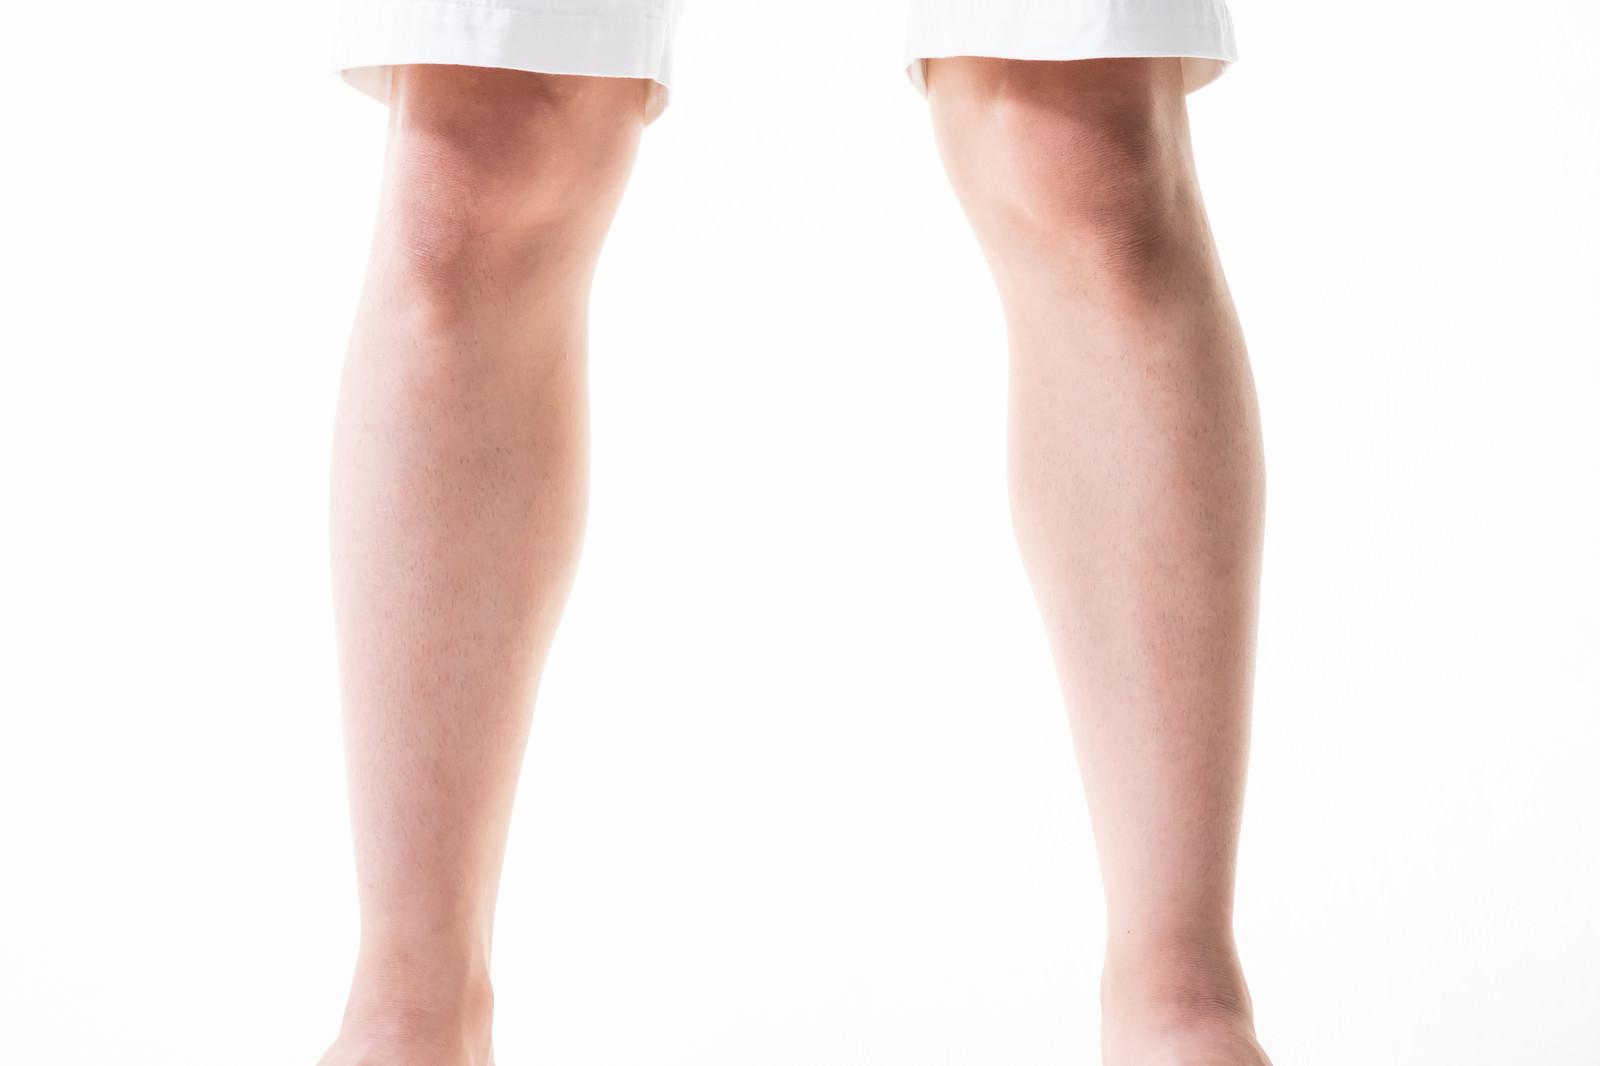 「すね毛がすっきりした男性の足元すね毛がすっきりした男性の足元」のフリー写真素材を拡大